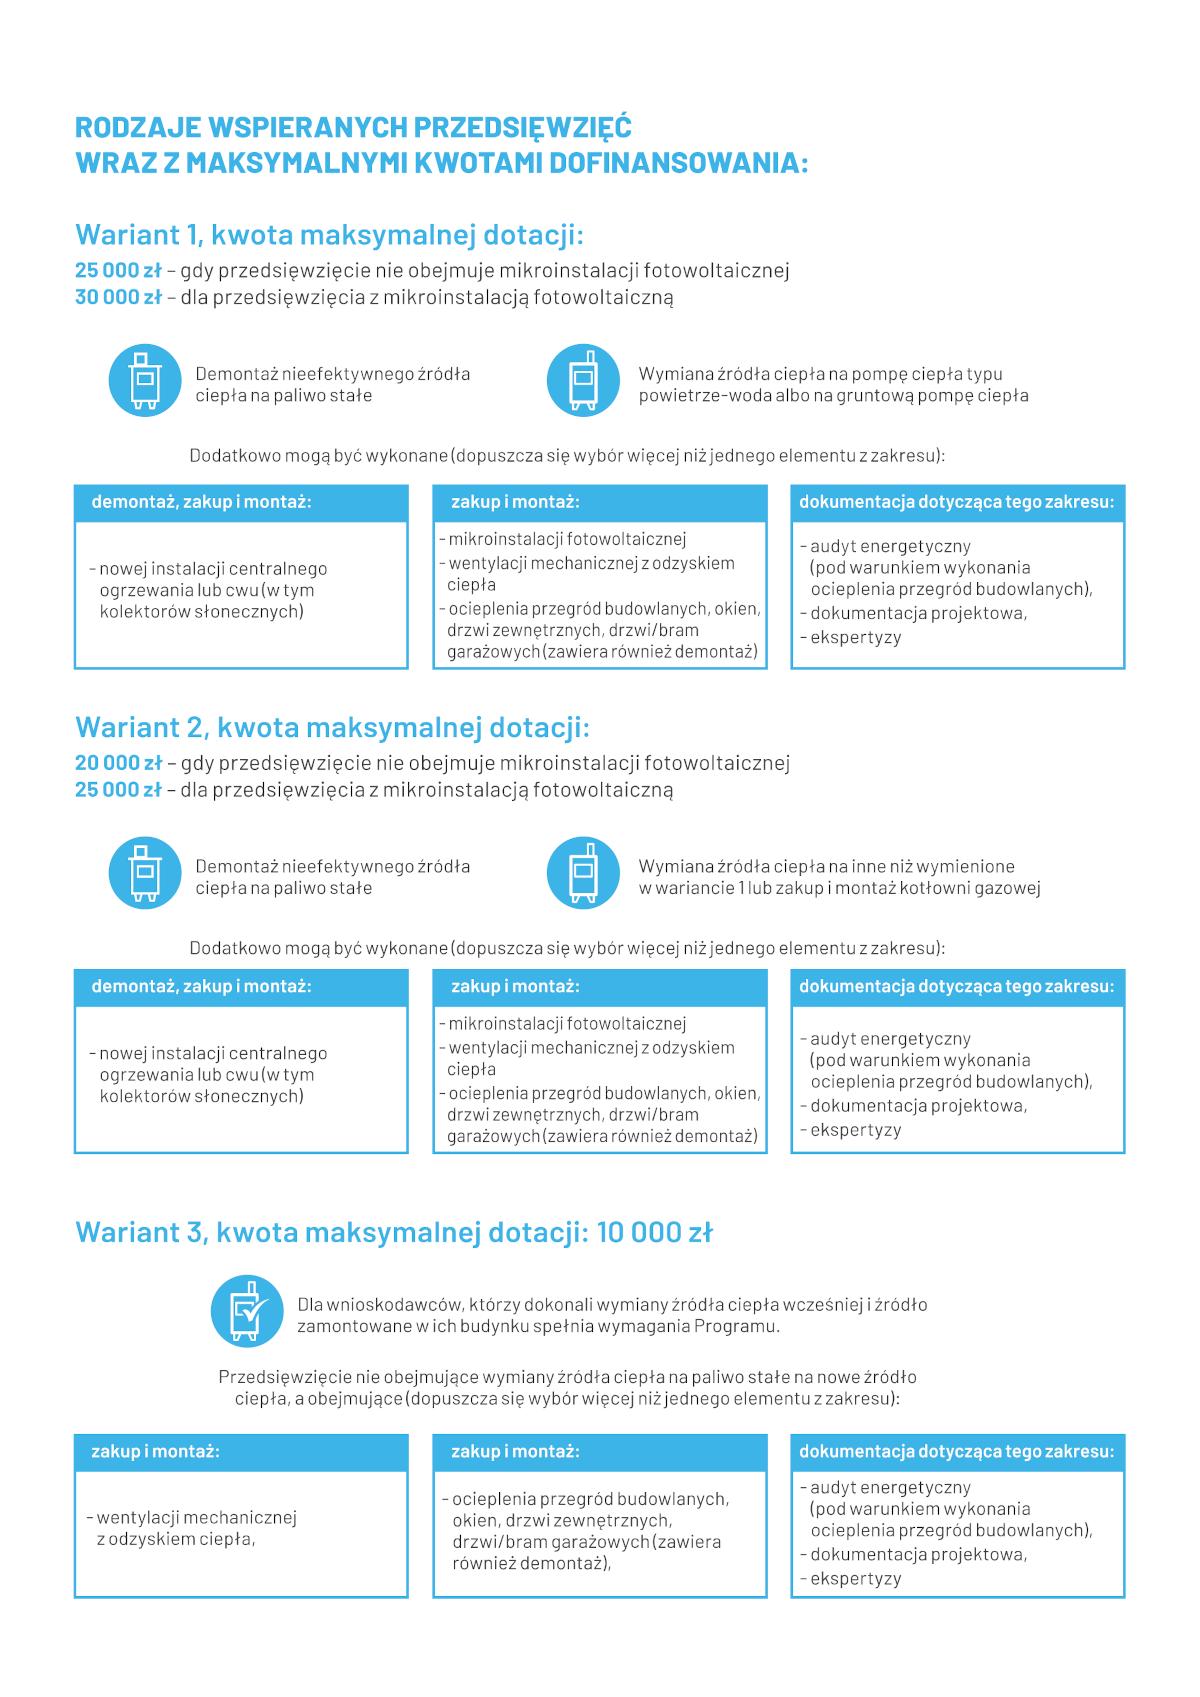 Grafika: Rodzaje wspieranych przedsięwzięć